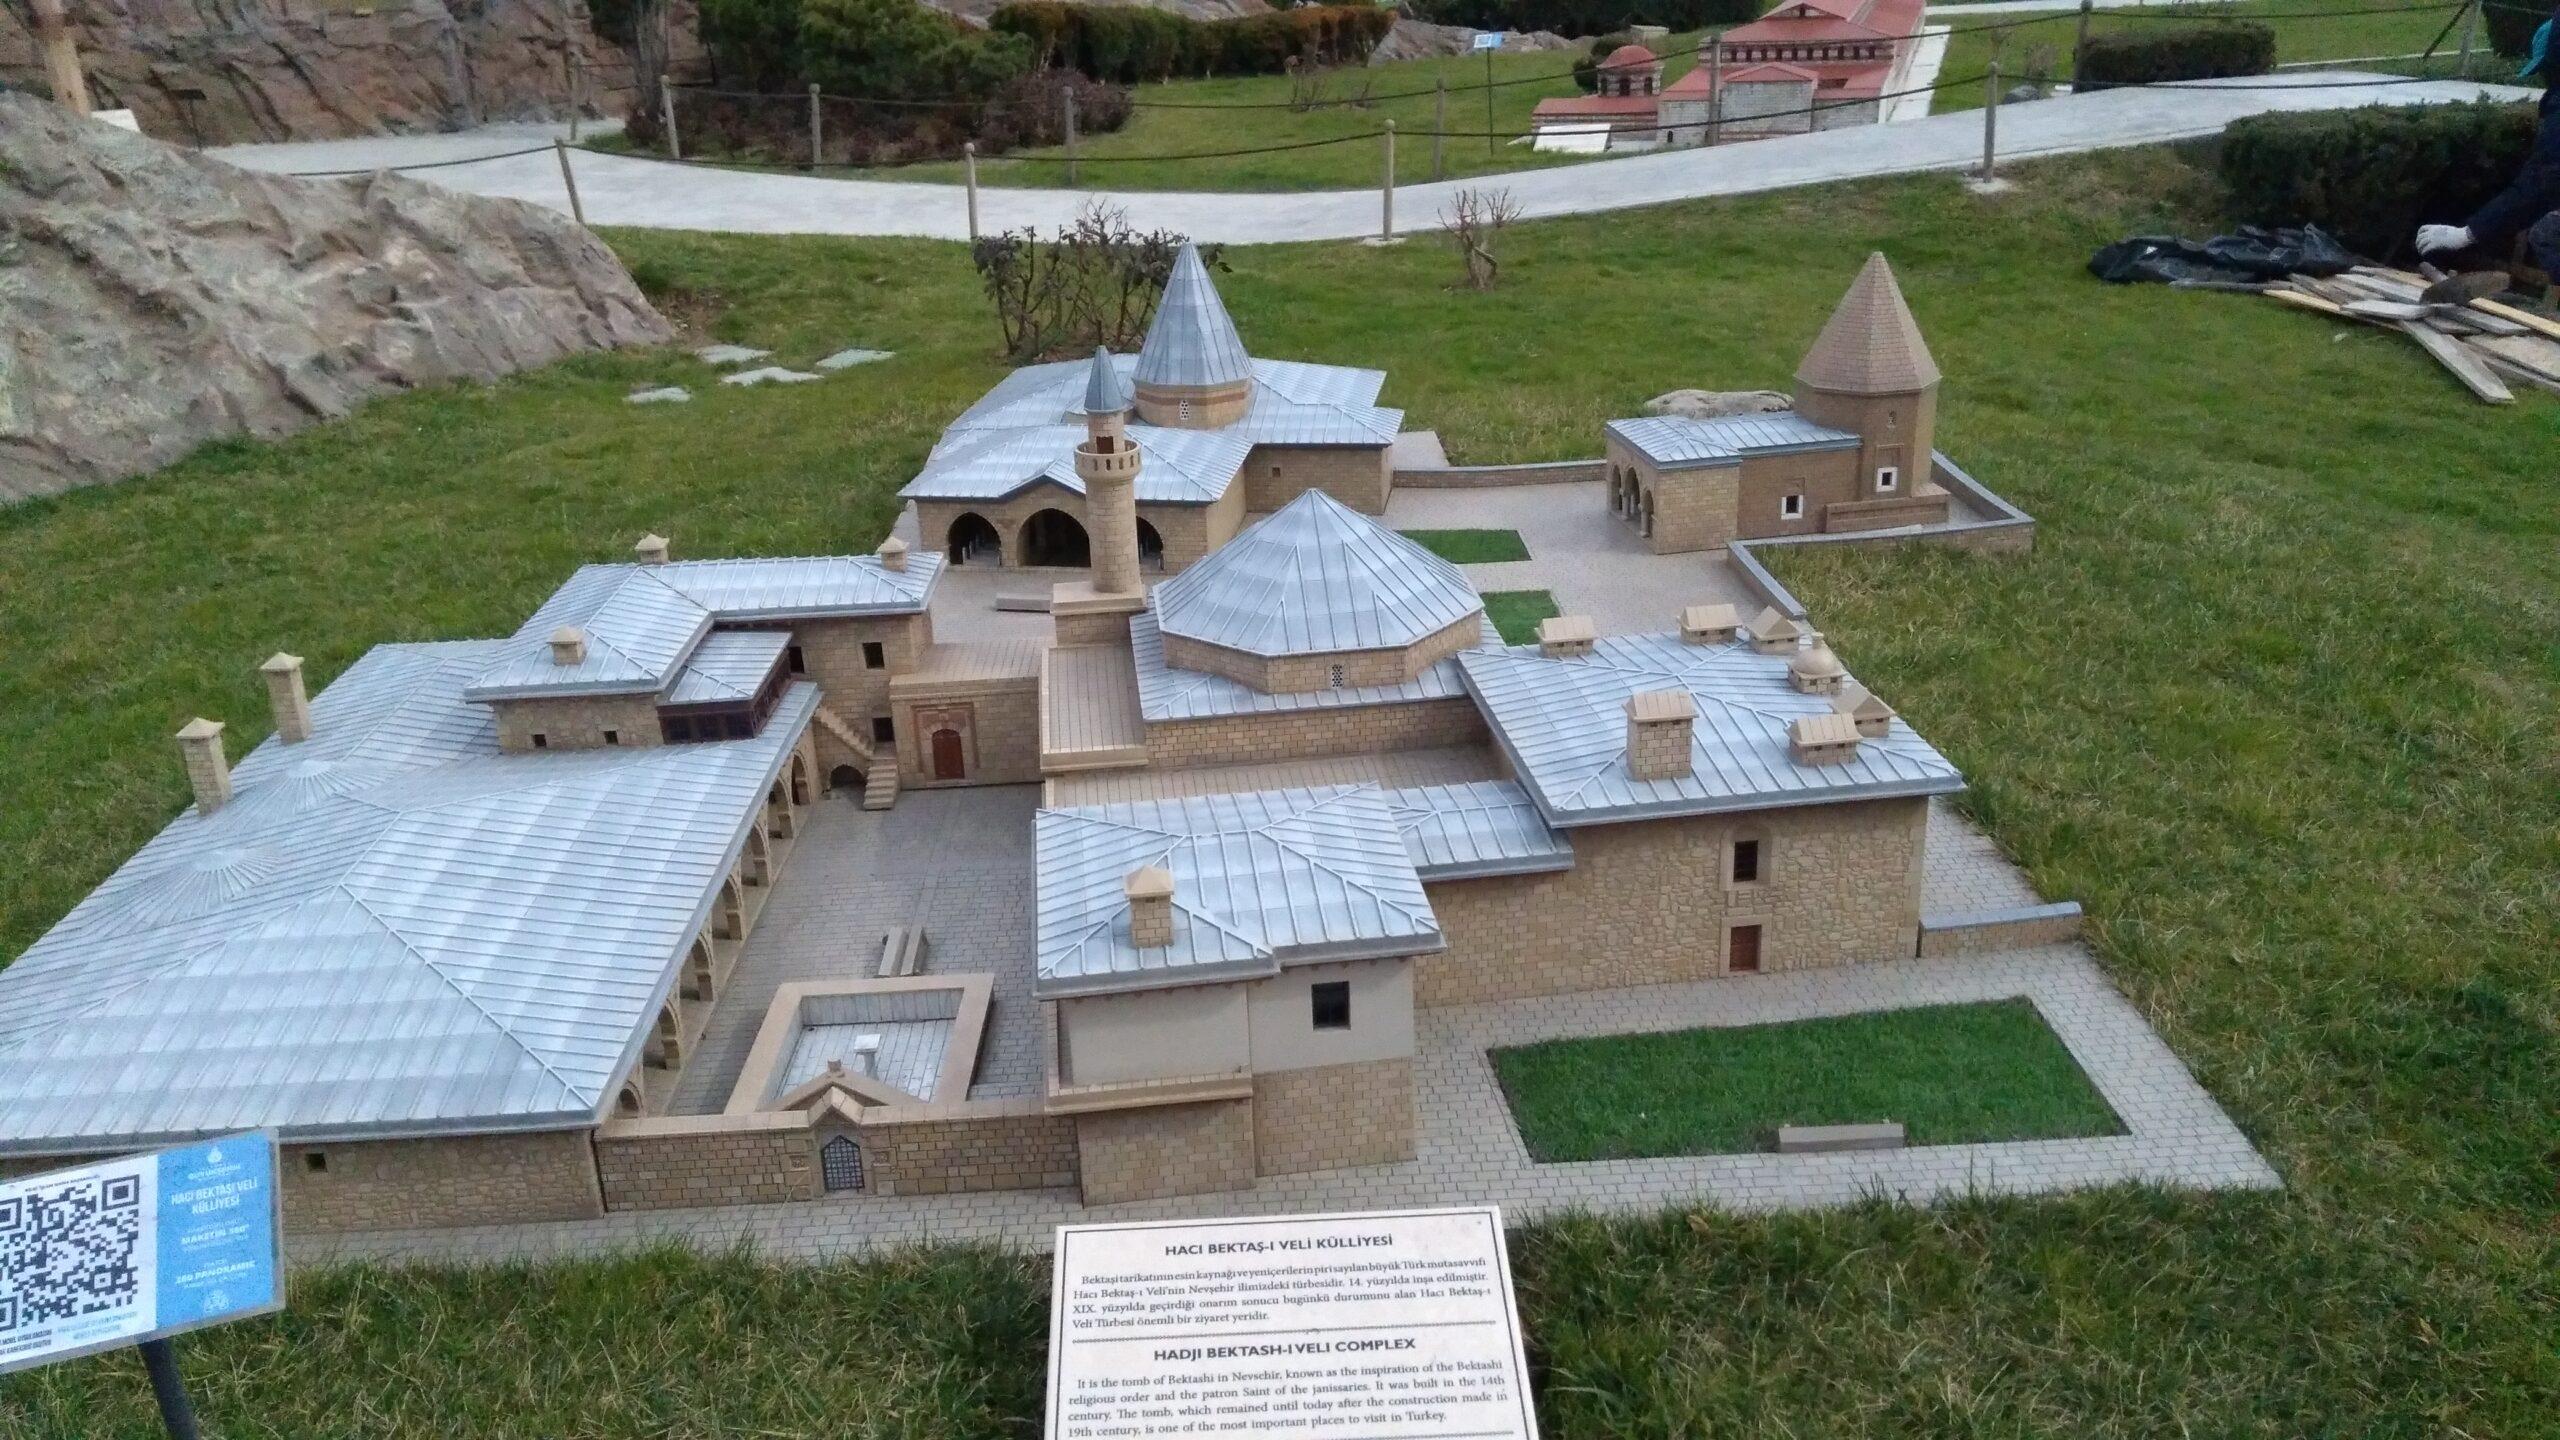 Hacı Bektaş-i Veli Külliyesi